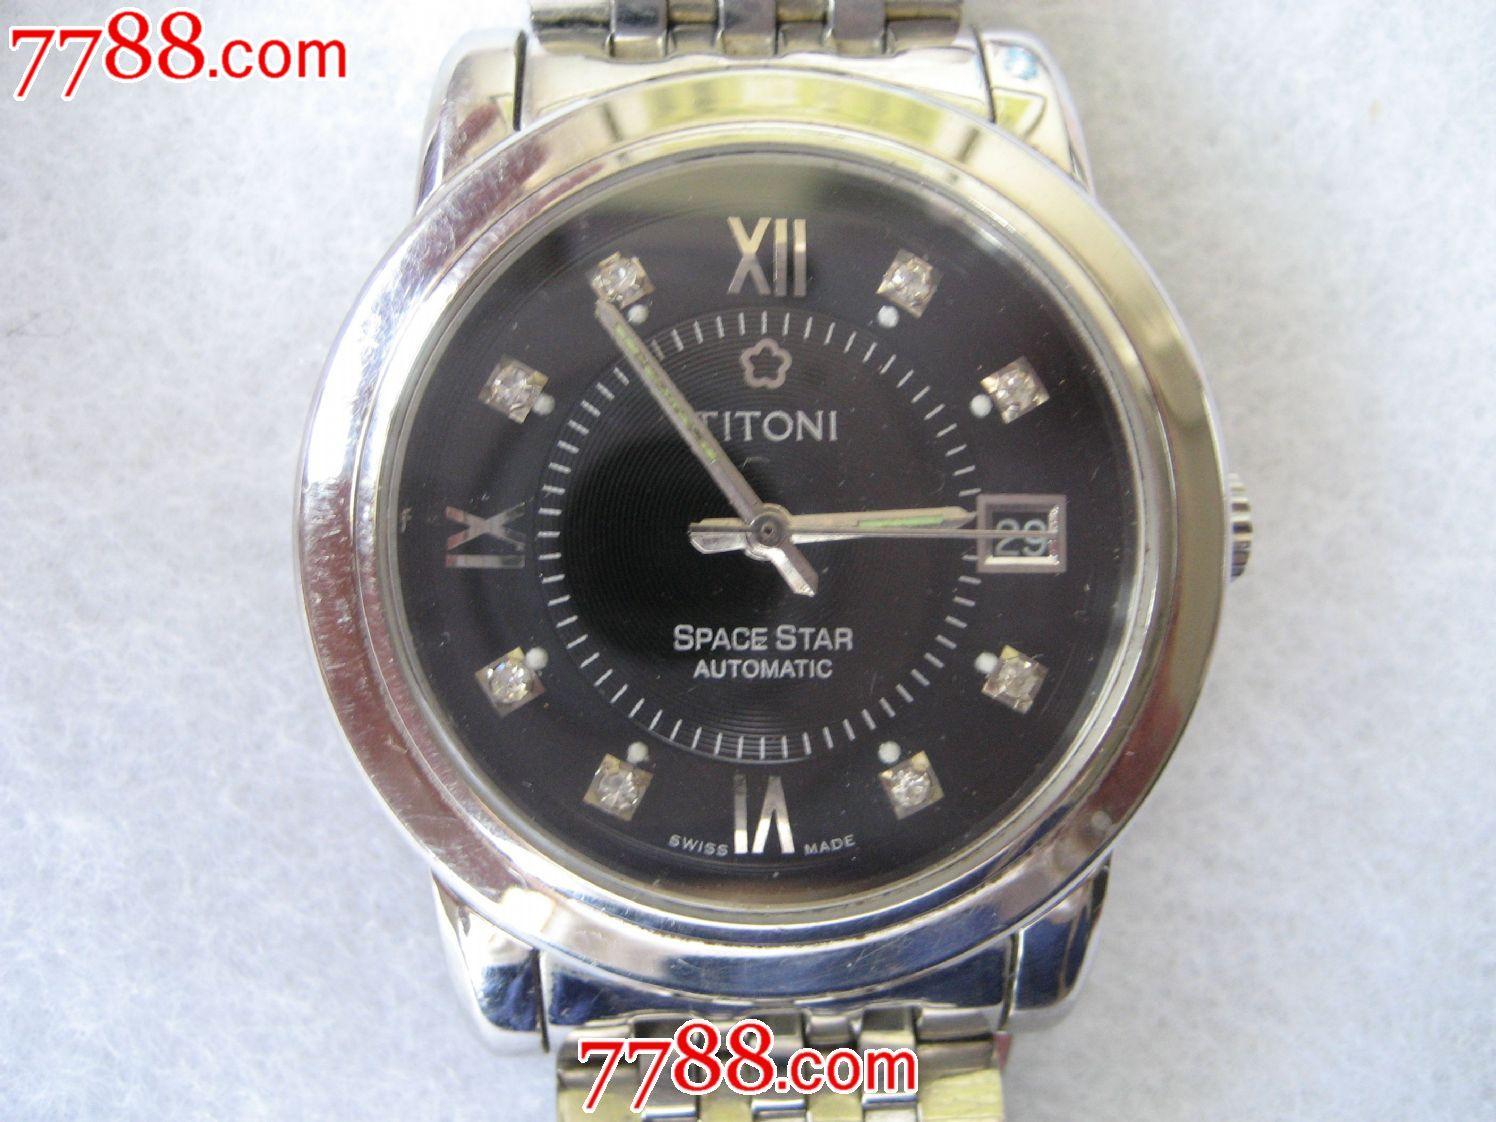 瑞士品牌梅花手表图片